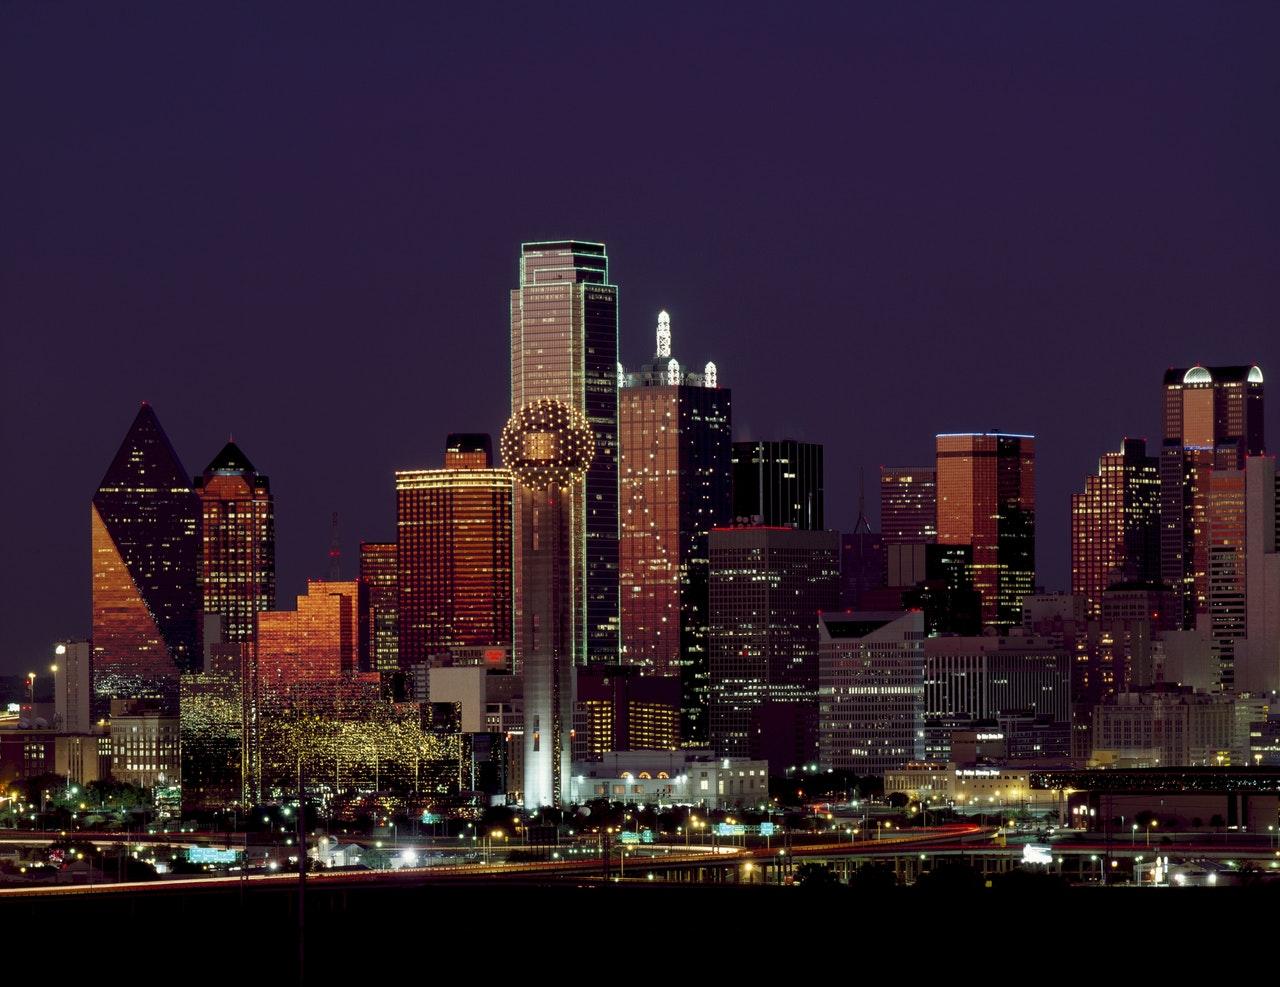 Austin, Texas - pexels